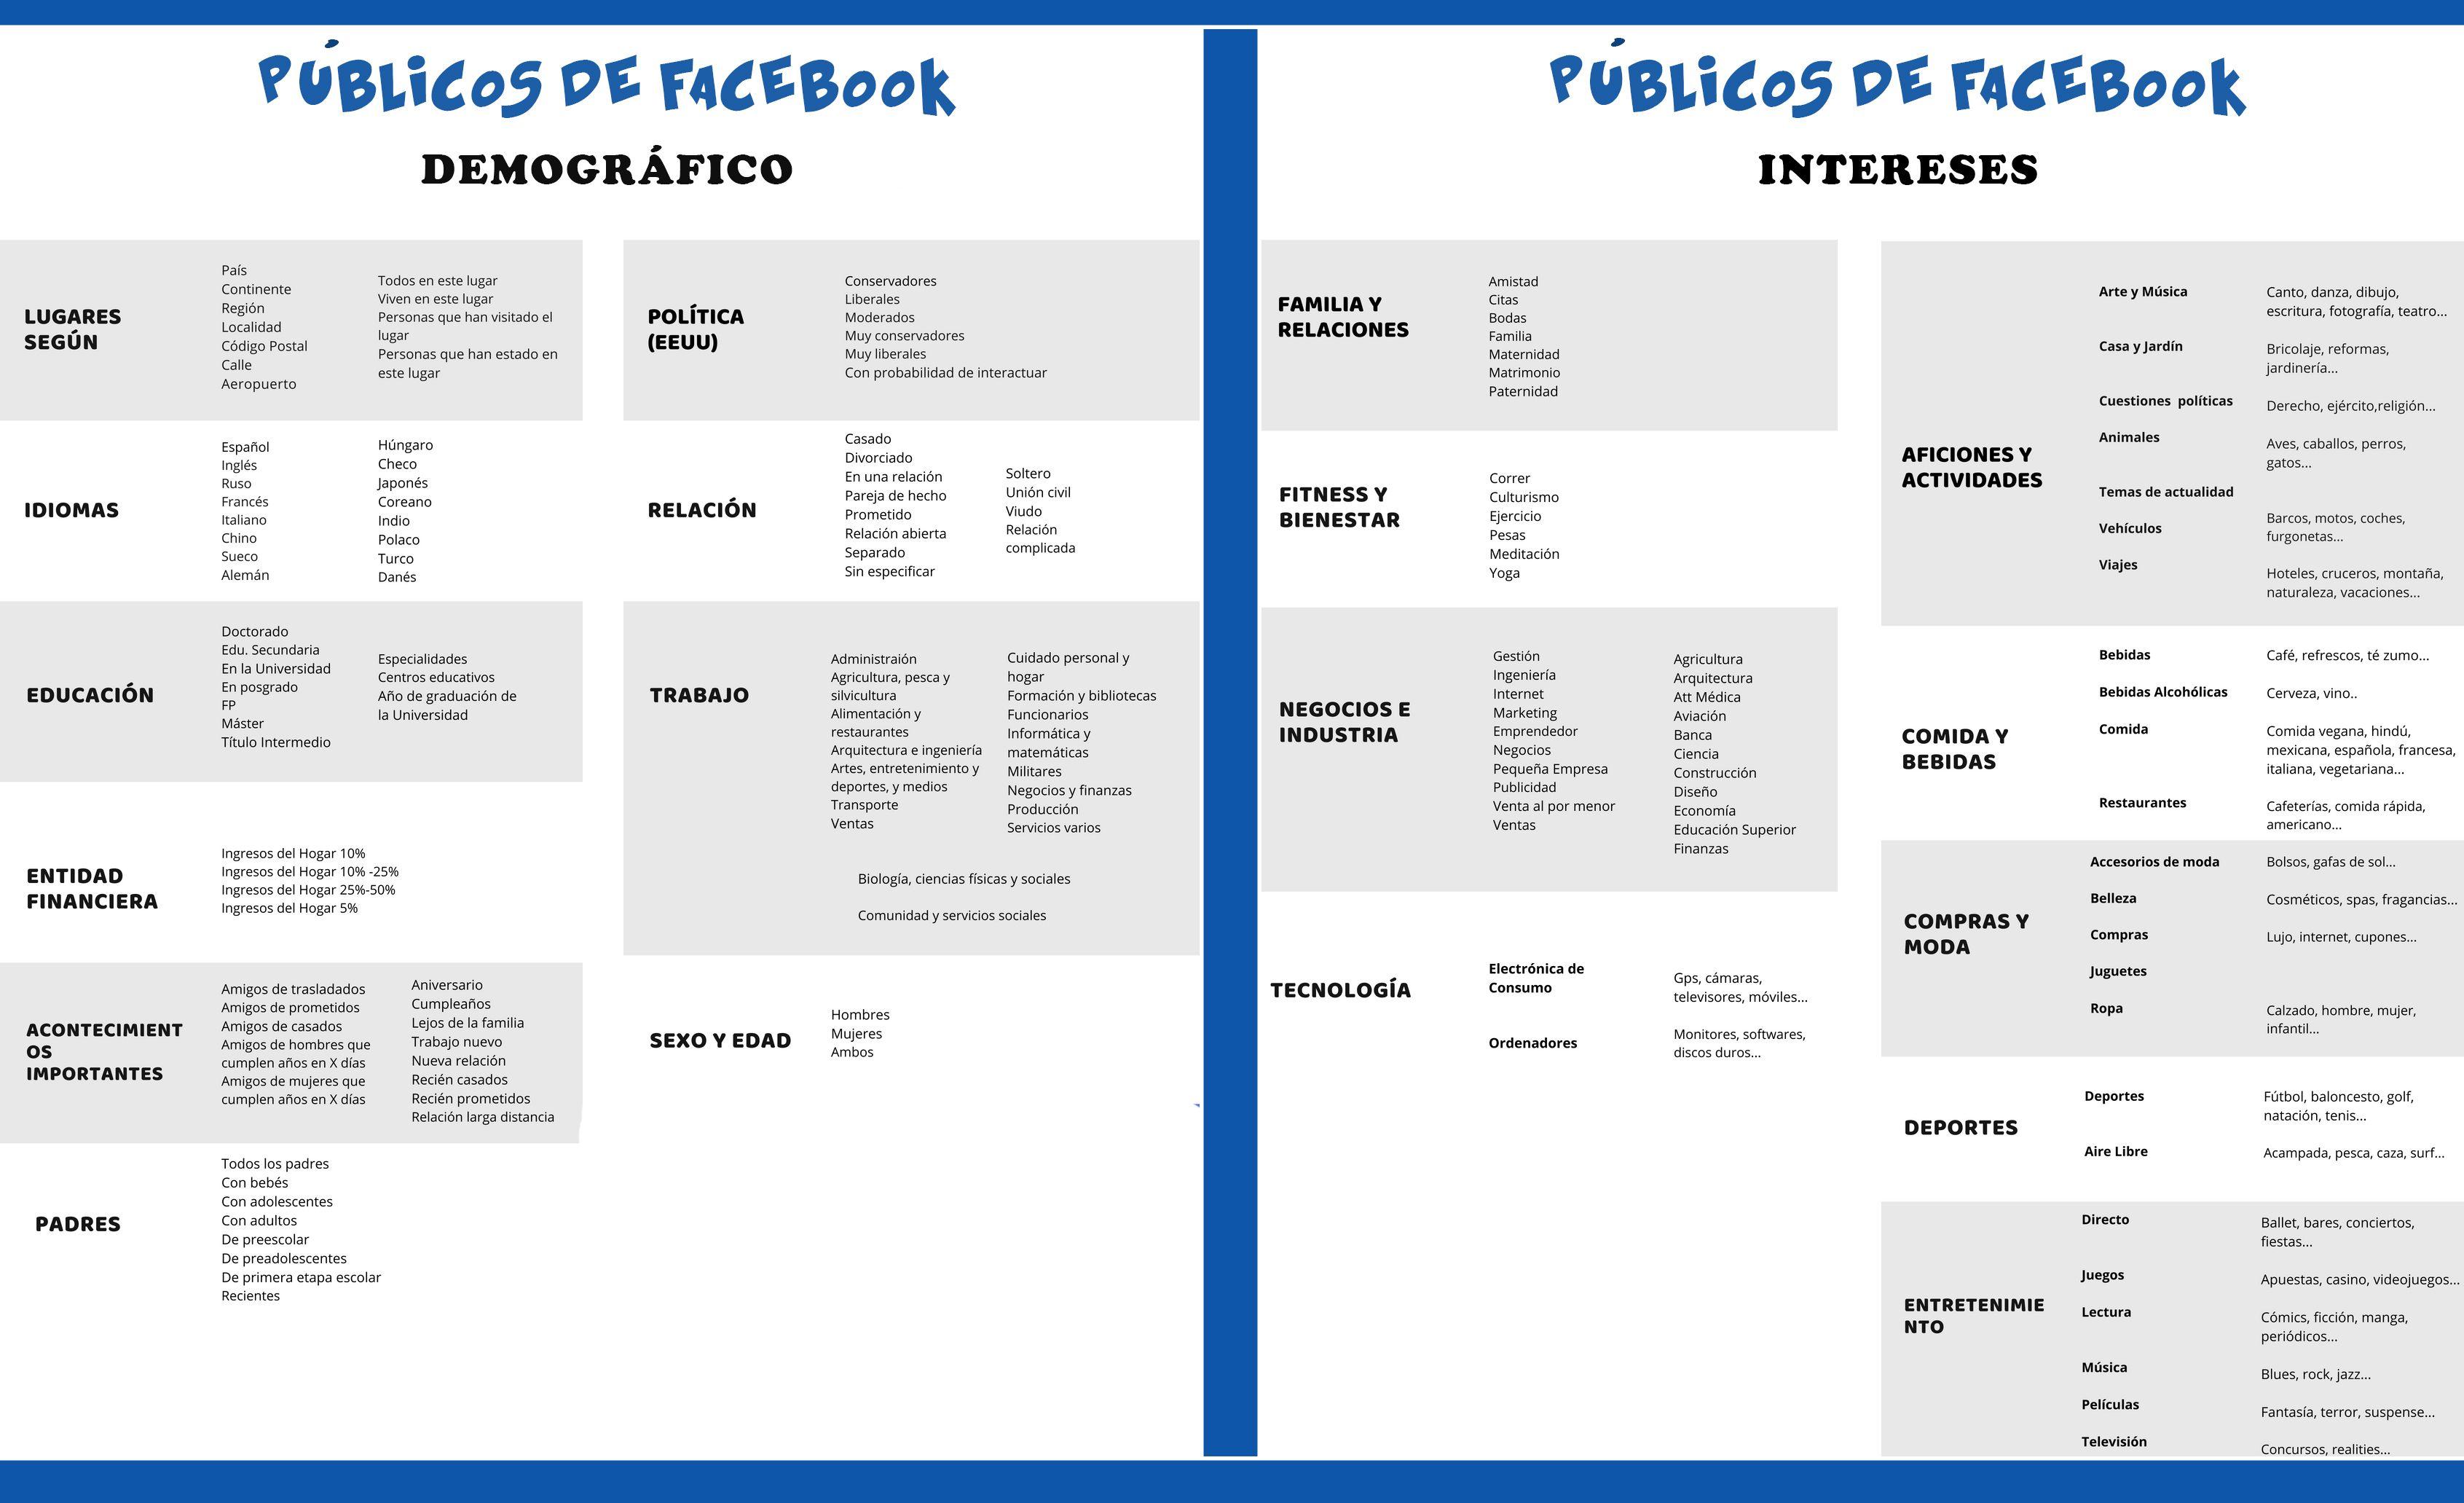 Guia Actualizada De Posibilidades De Segmentacion En Facebook Segun Demografia Intereses Y Comportamiento Marketing Facebook Publicidad